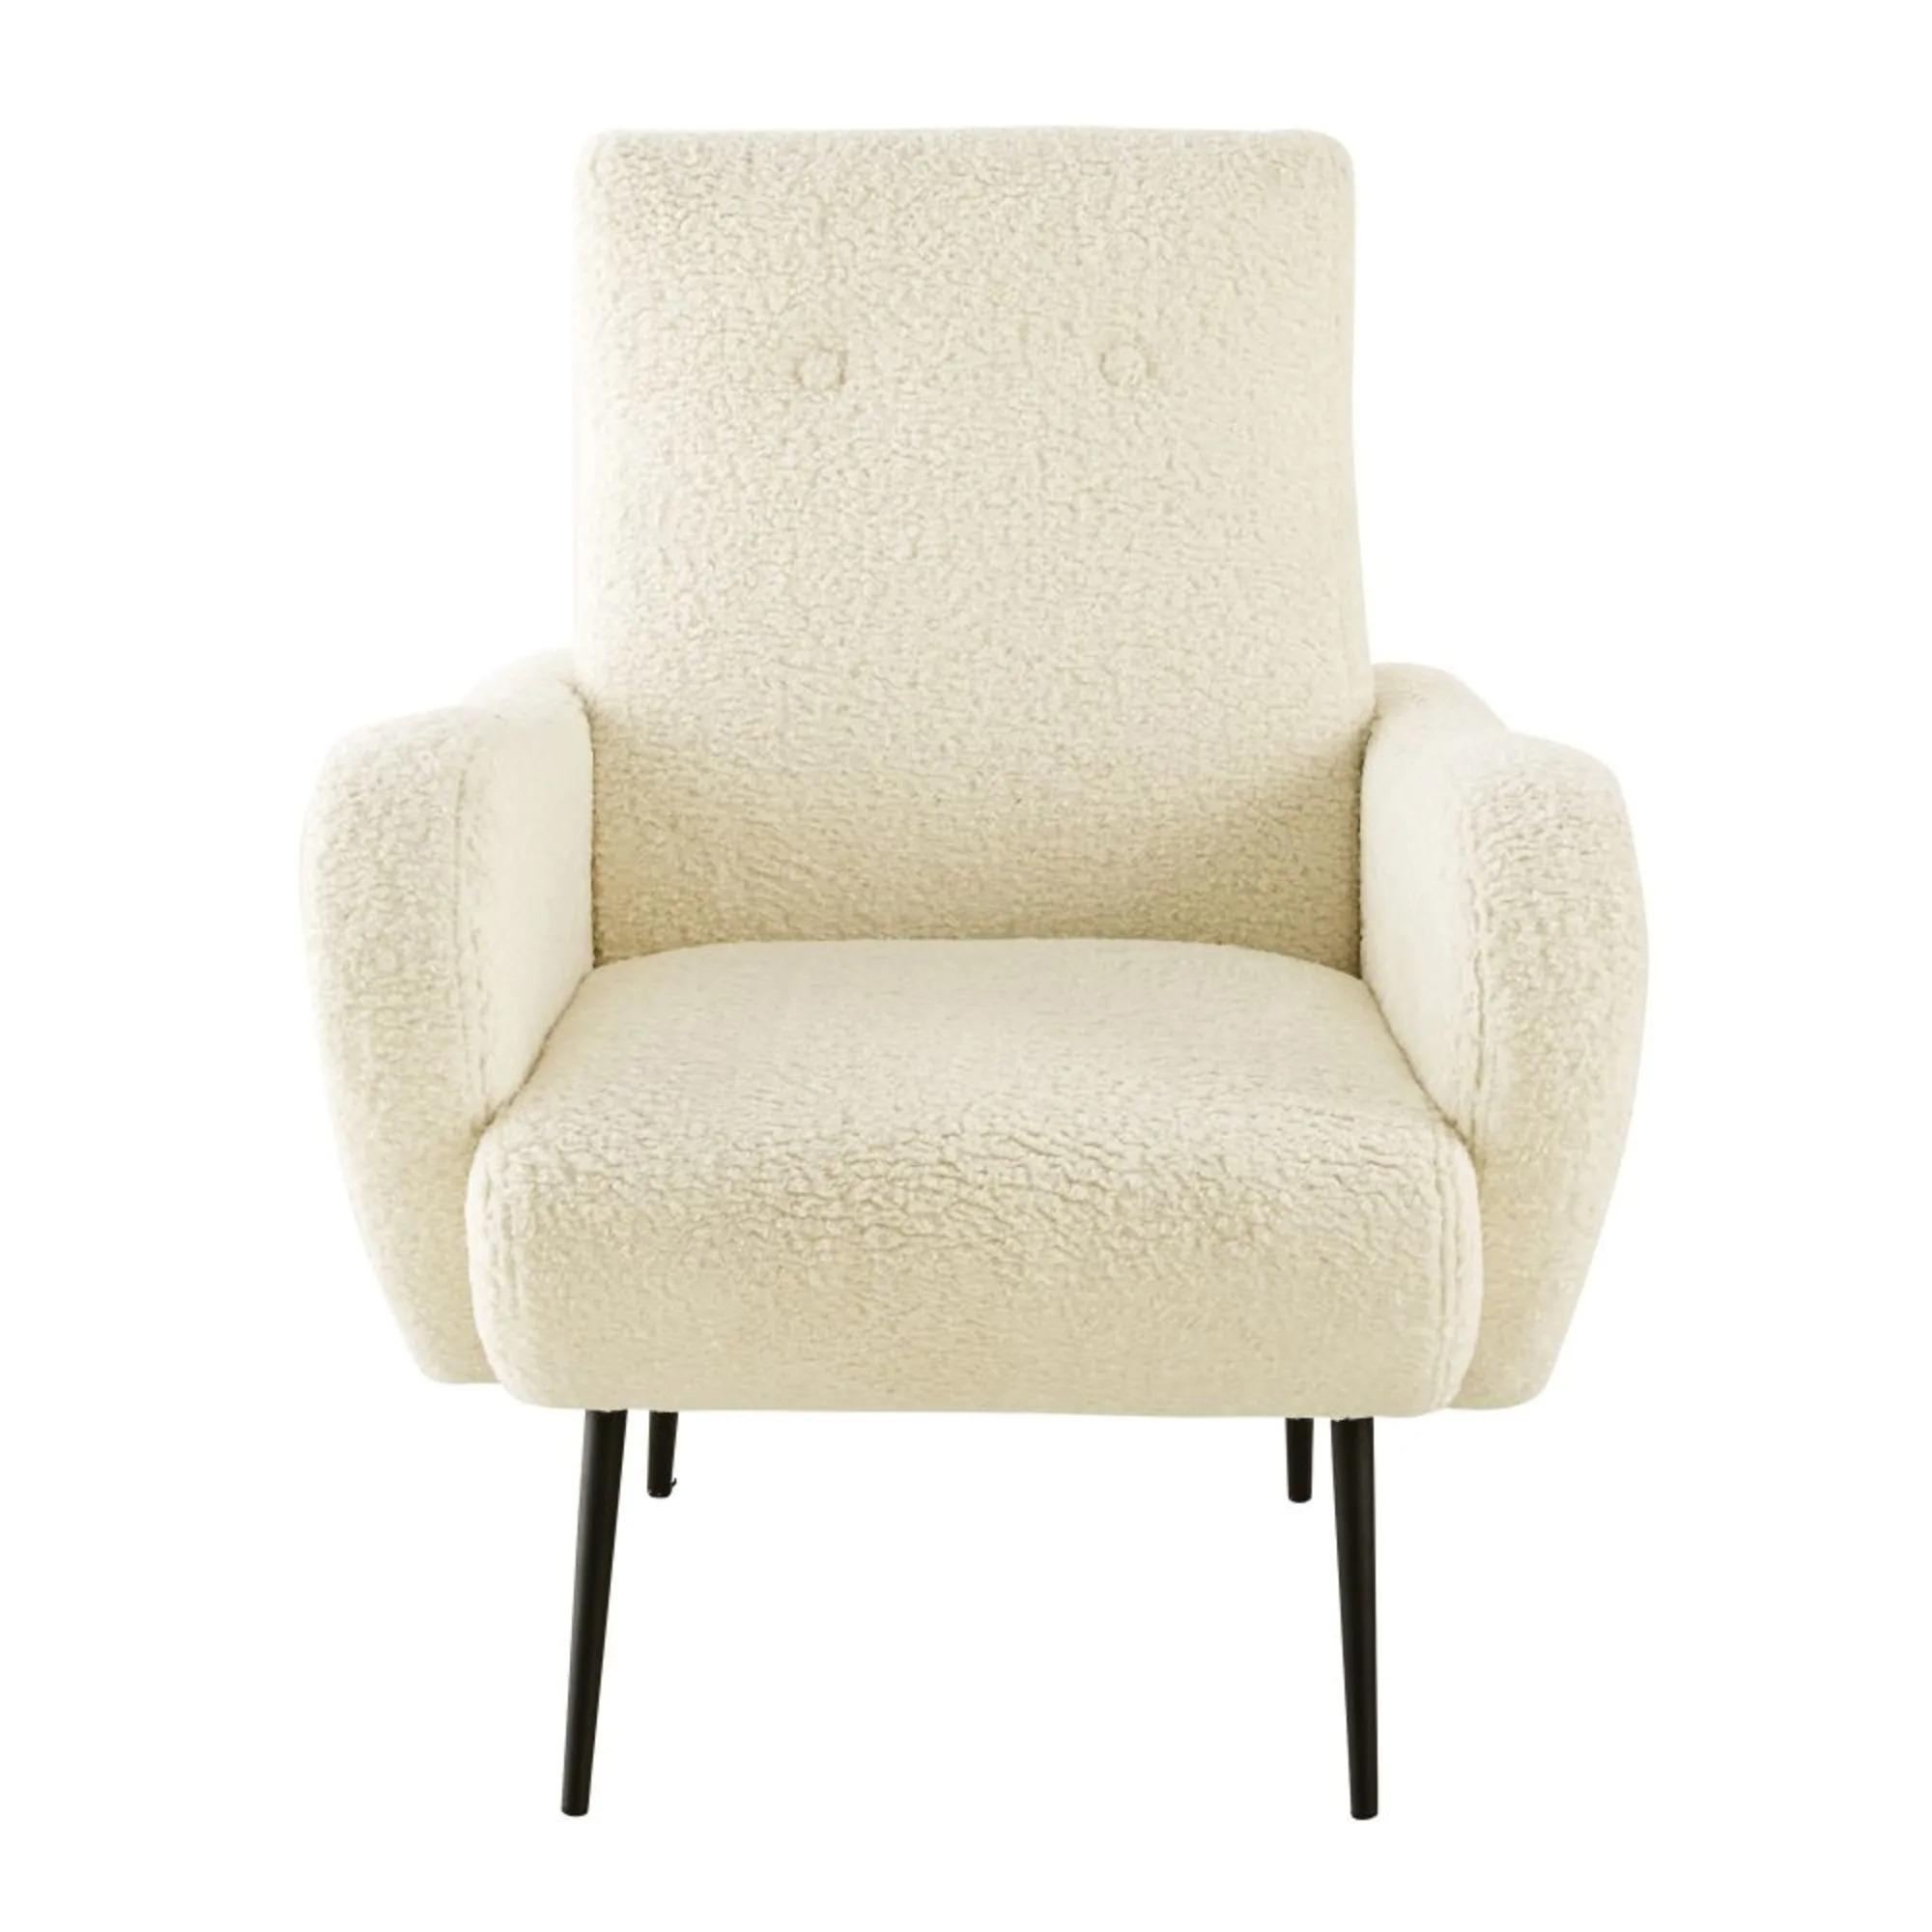 POLUX Synthetic hair armchair